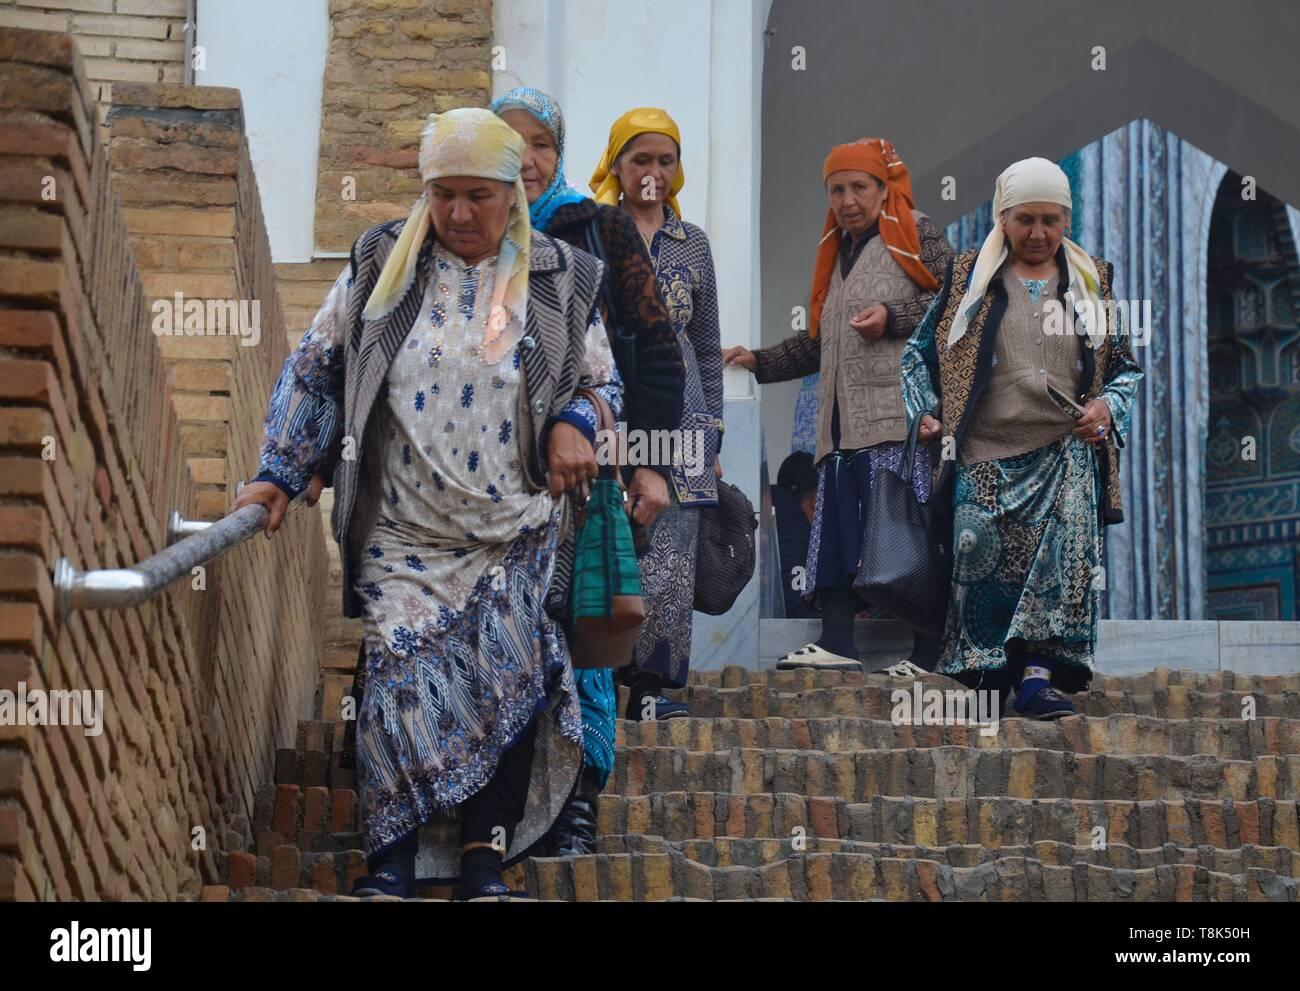 Samarkand, UNESCO Weltkulturerbe in Usbekistan: In der Totenstadt Shohizinda: Alte Frauen beim Abstieg Stock Photo